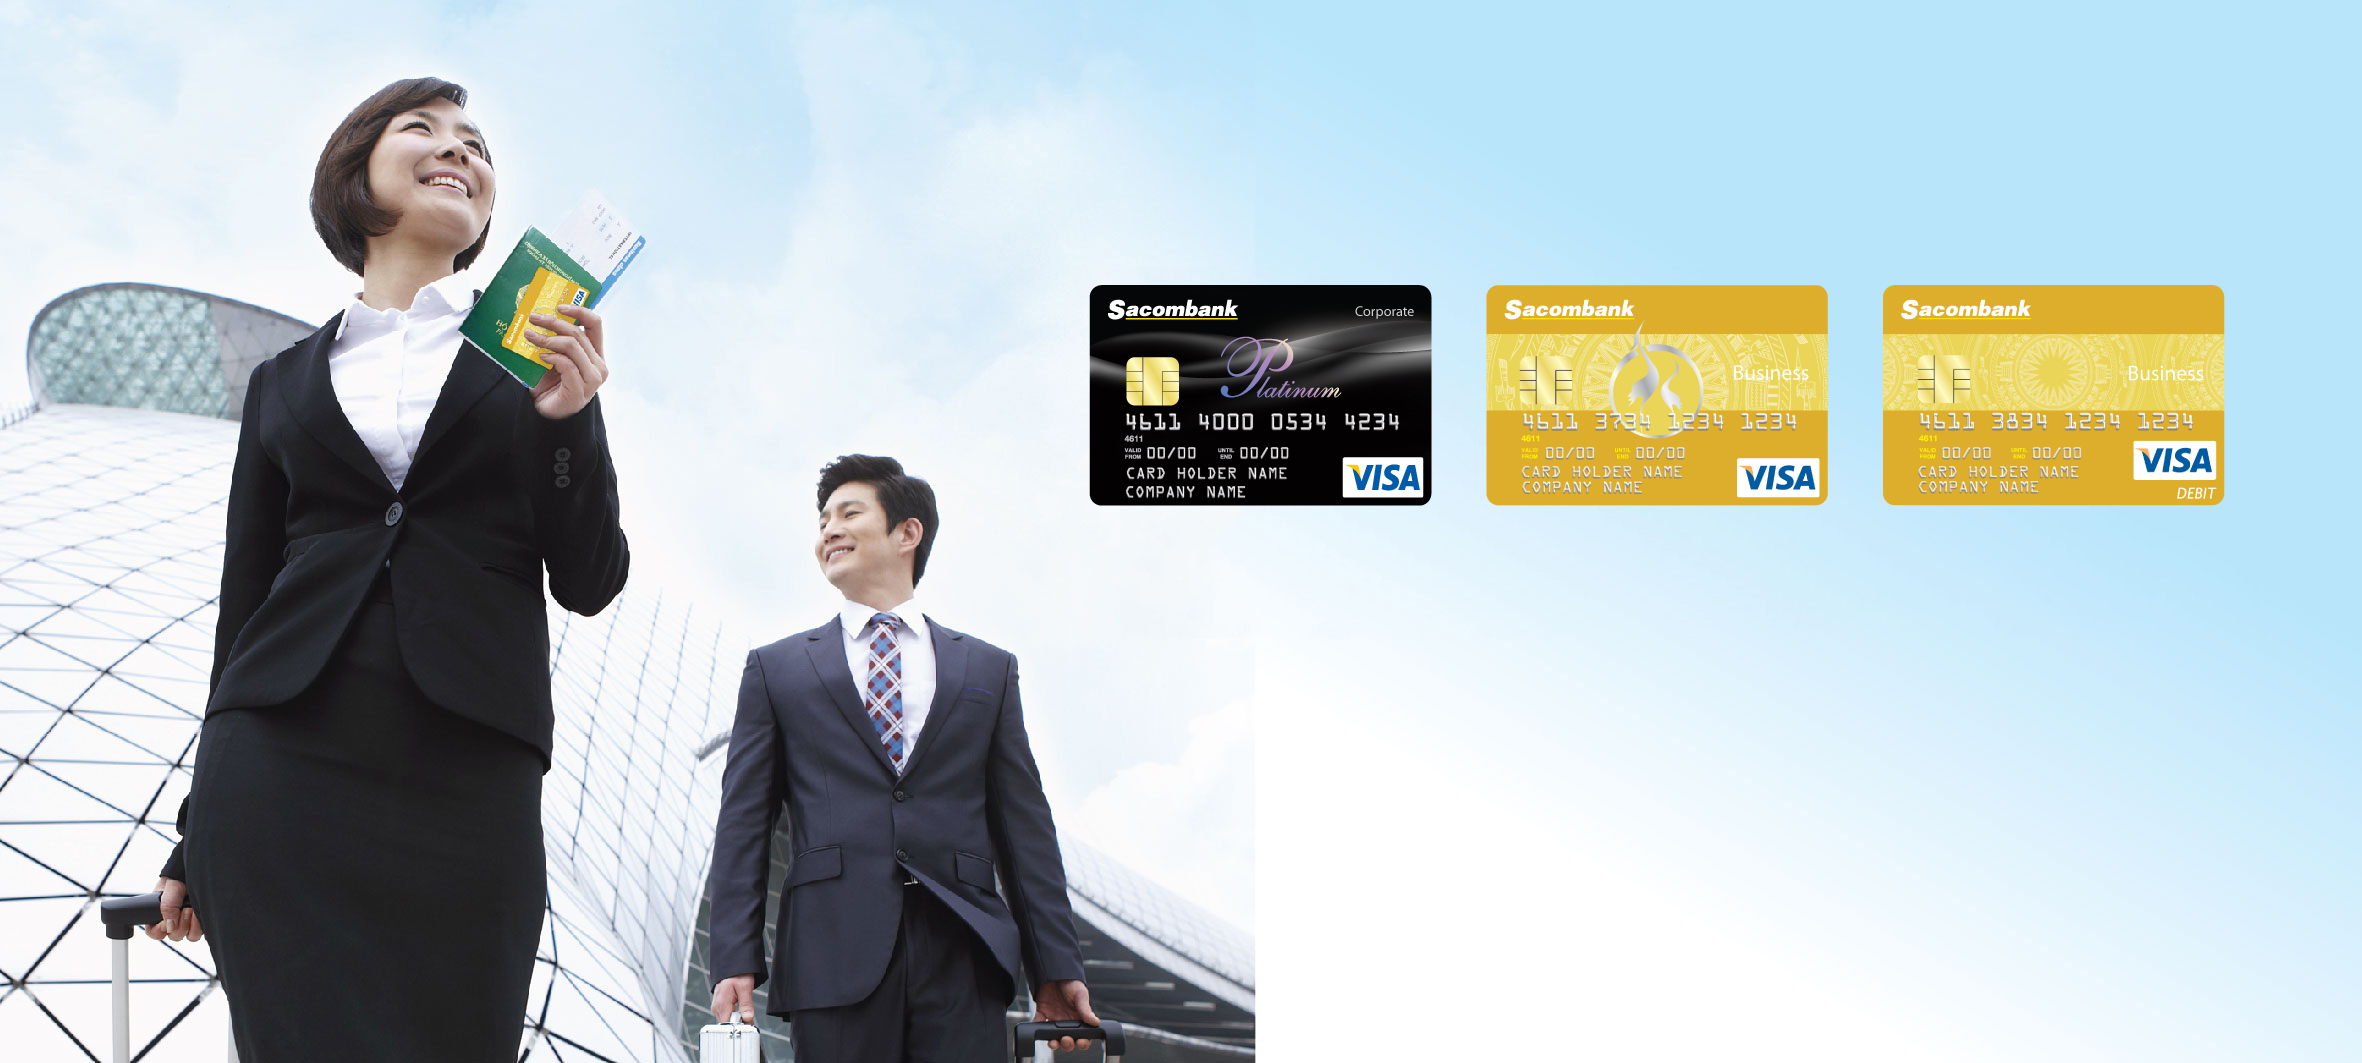 Mở tài khoản doanh nghiệp tại ngân hàng tại Sacombank